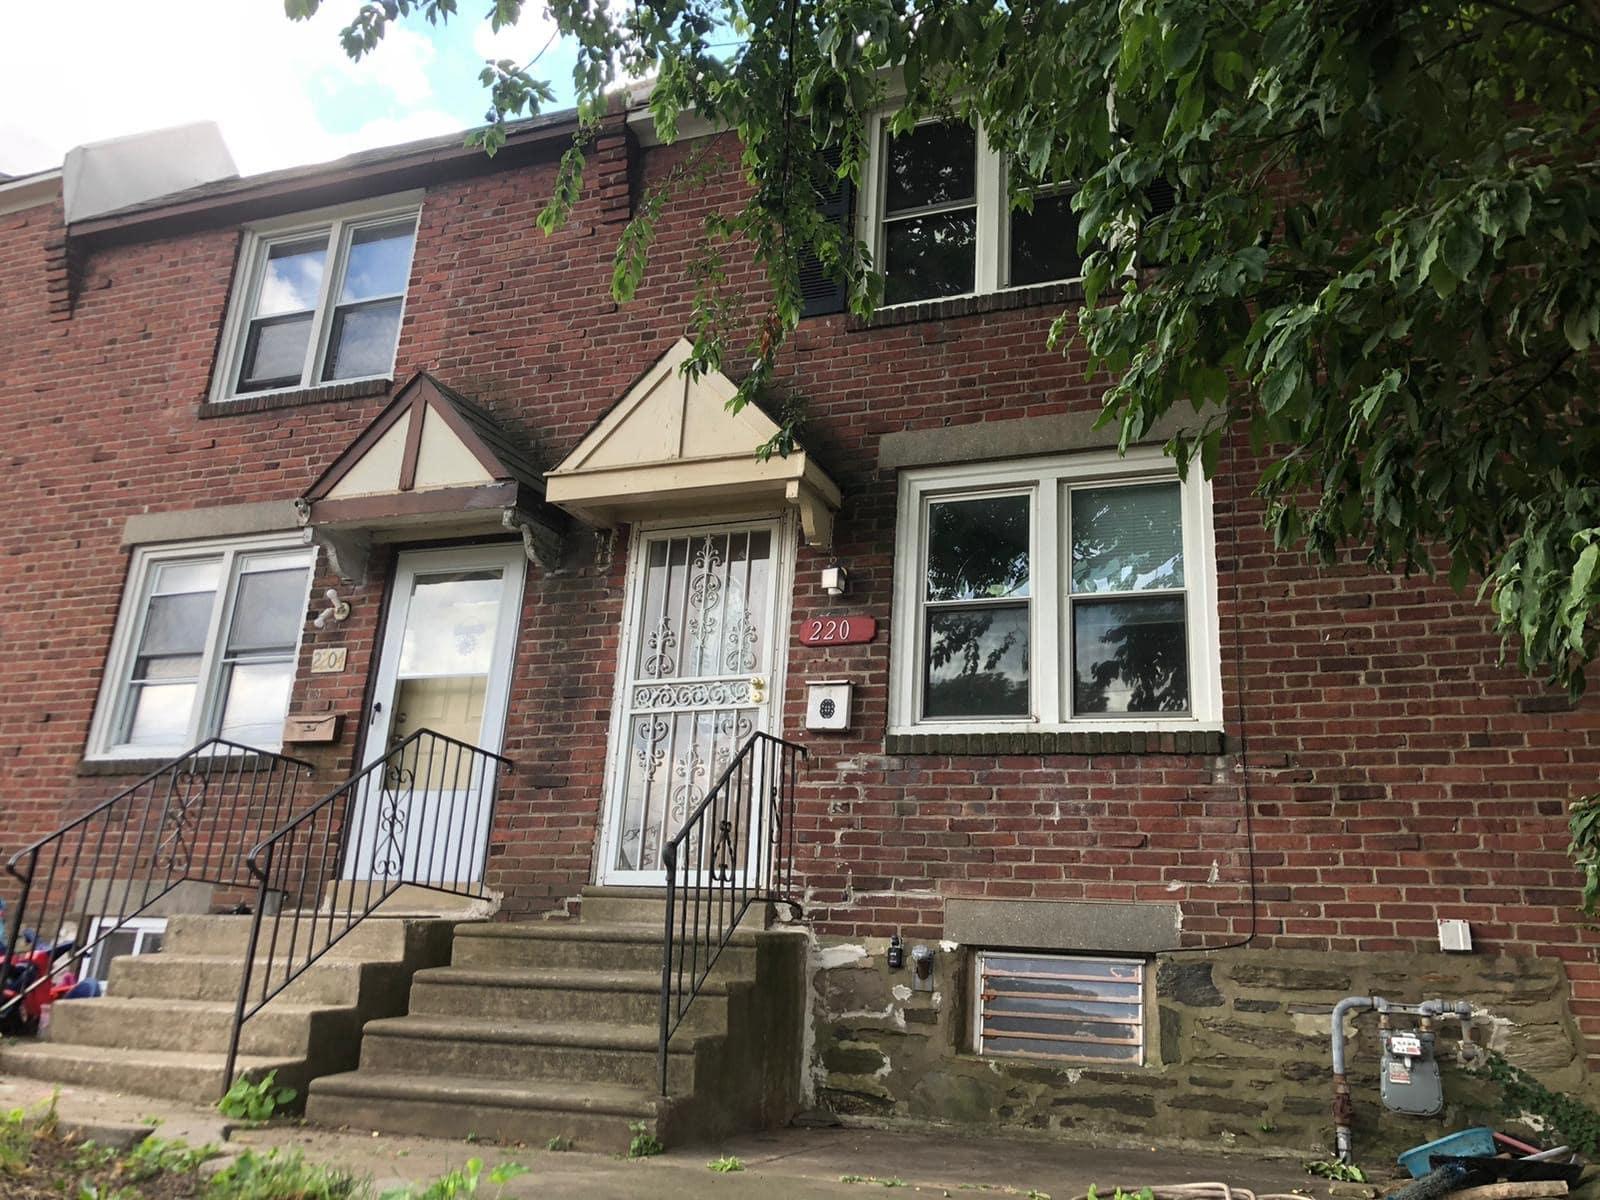 2206 Bond property entrance steps